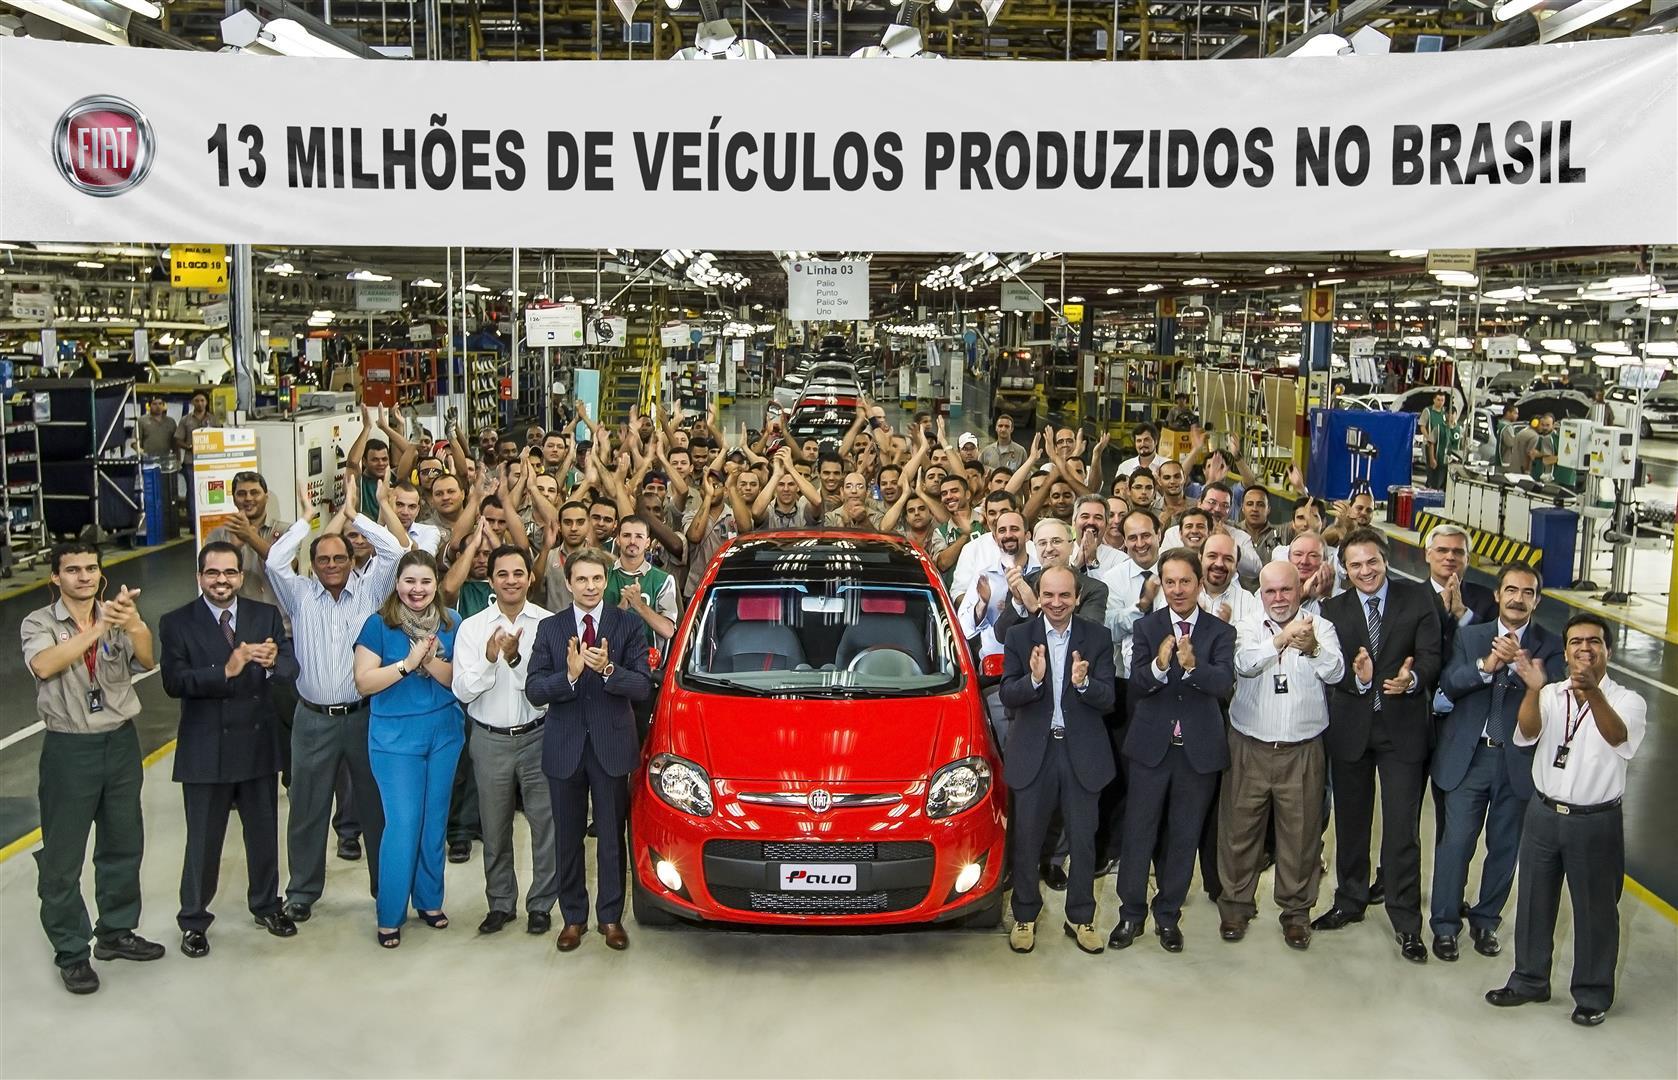 """Résultat de recherche d'images pour """"brasil, automotive industries, new vehicles, exhibition, brazil"""""""